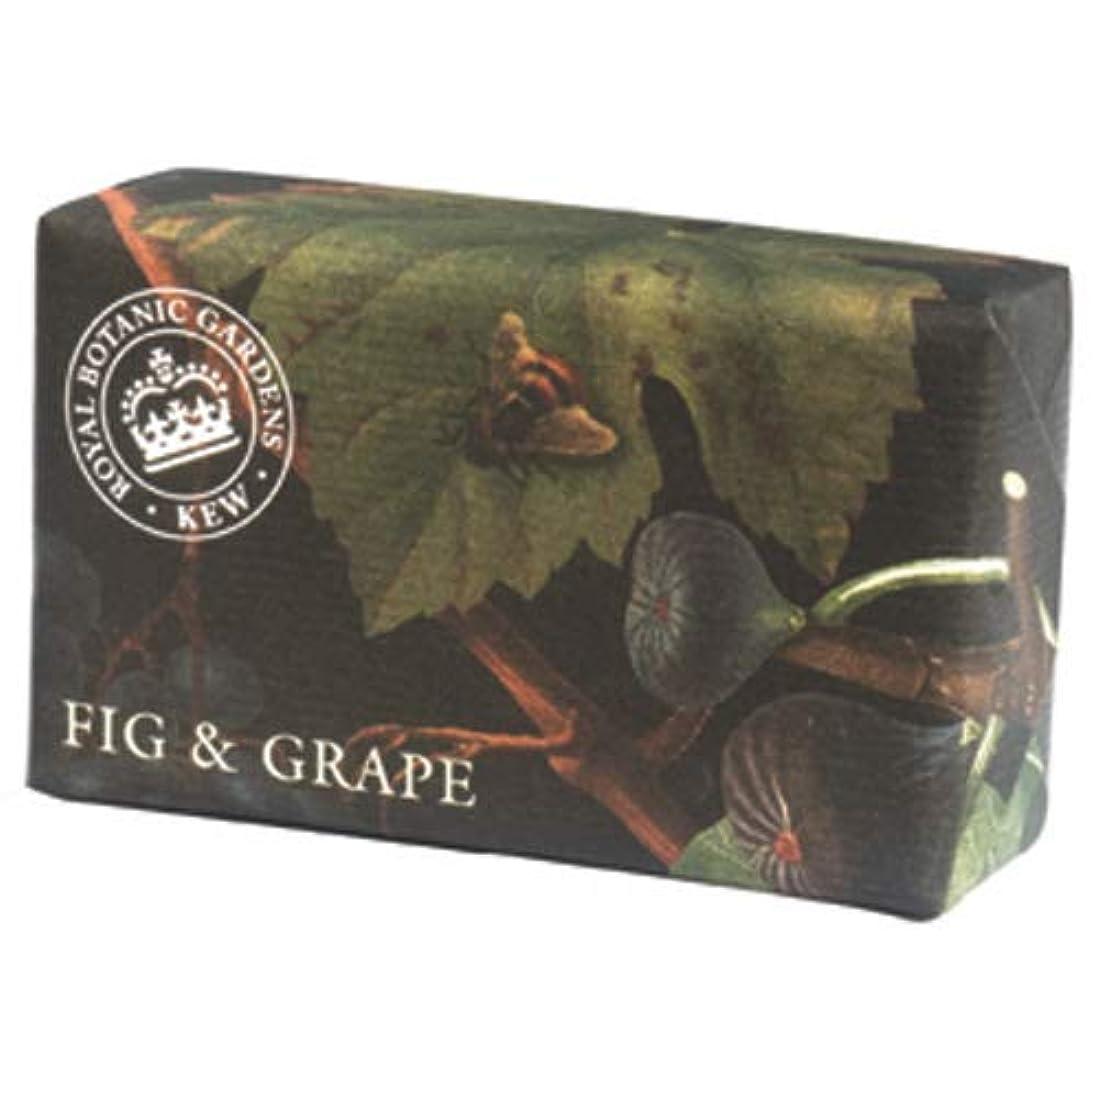 English Soap Company イングリッシュソープカンパニー KEW GARDEN キュー?ガーデン Luxury Shea Soaps シアソープ Fig & Grape フィグ&グレープ